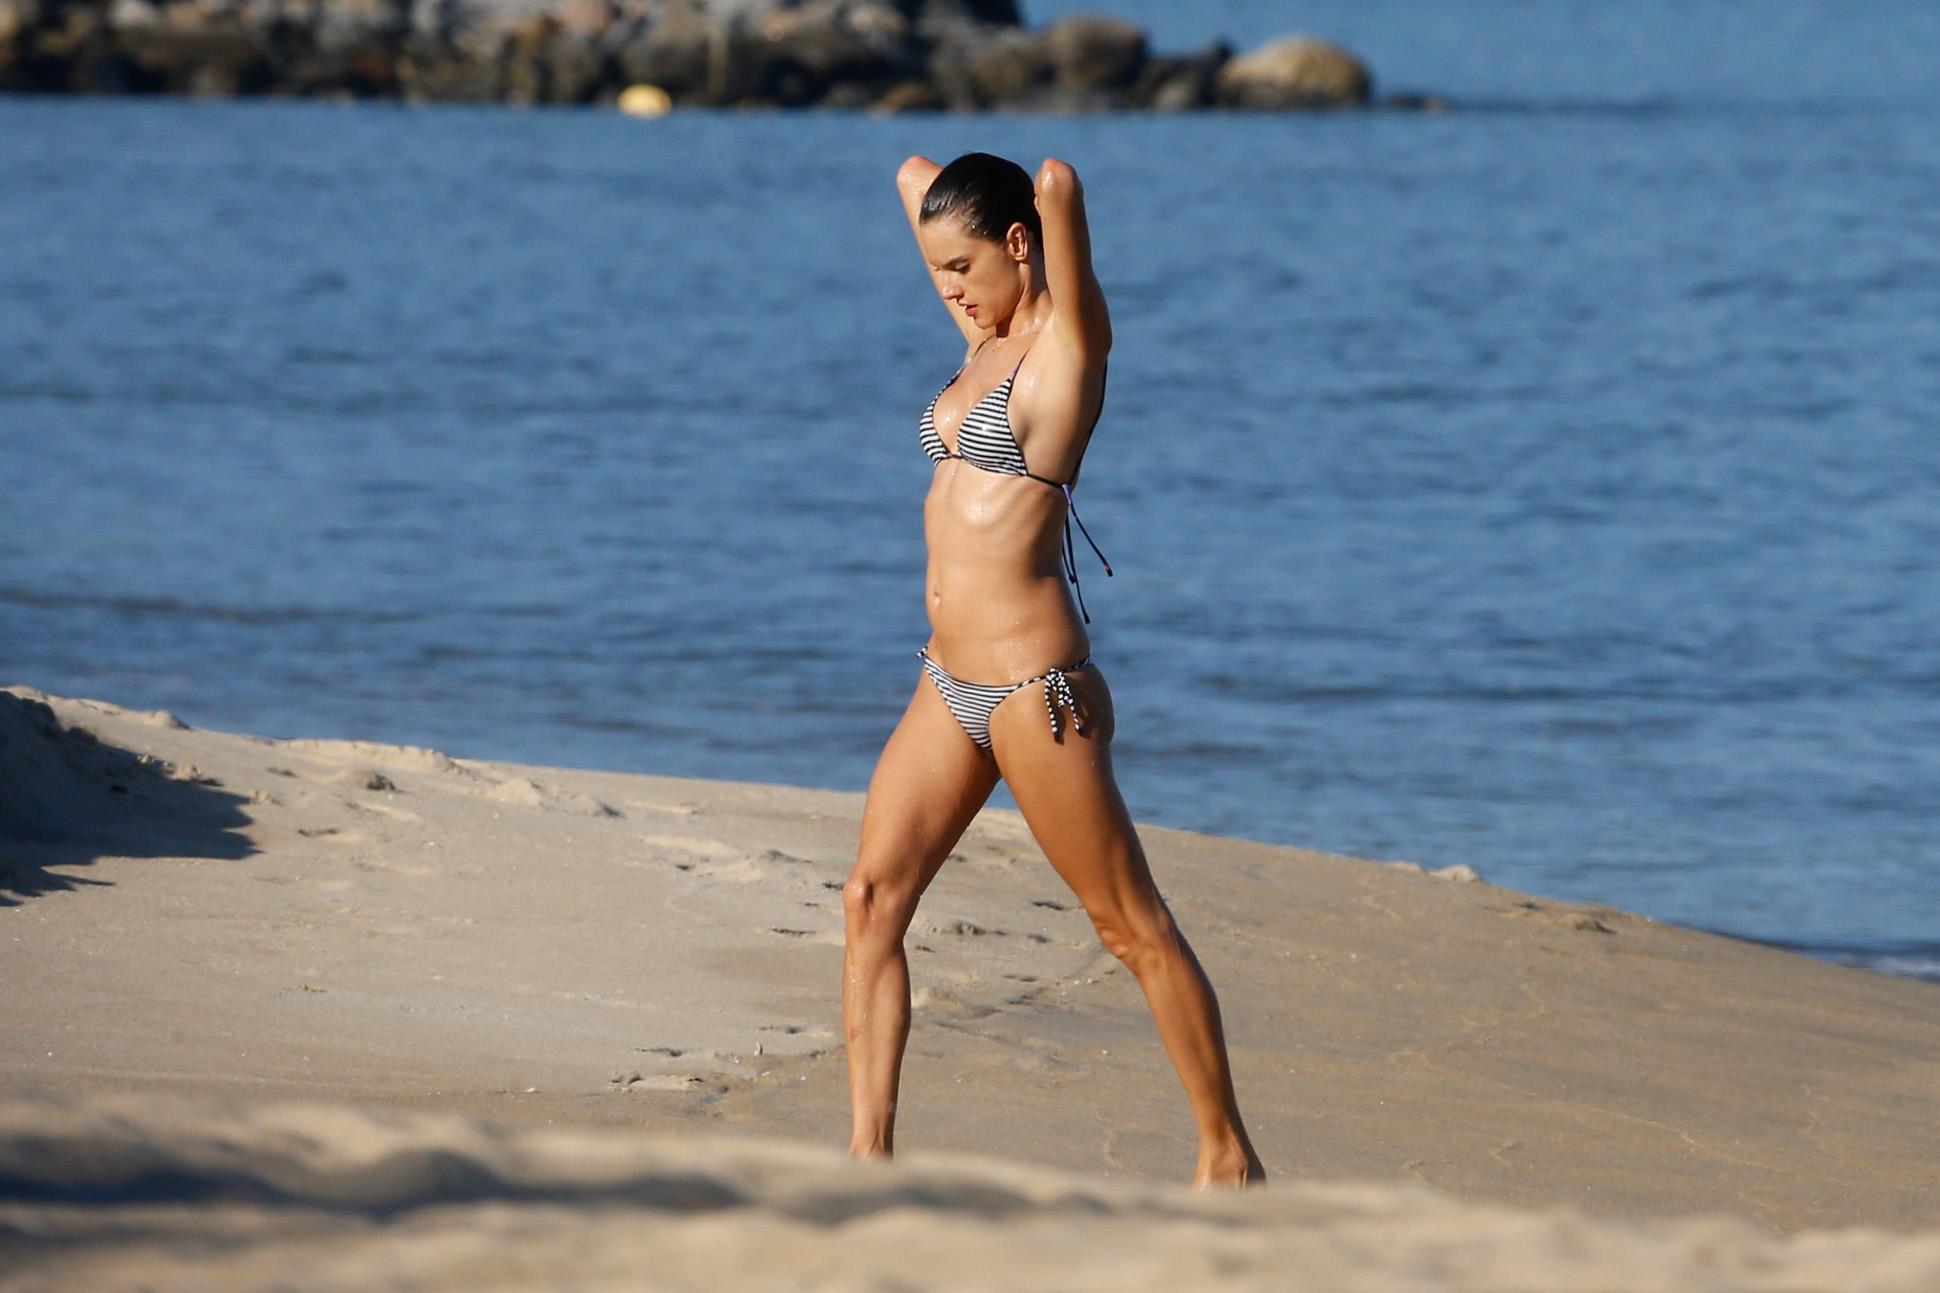 Alessandra Ambrosio 2015 : Alessandra Ambrosio in Bikini -46